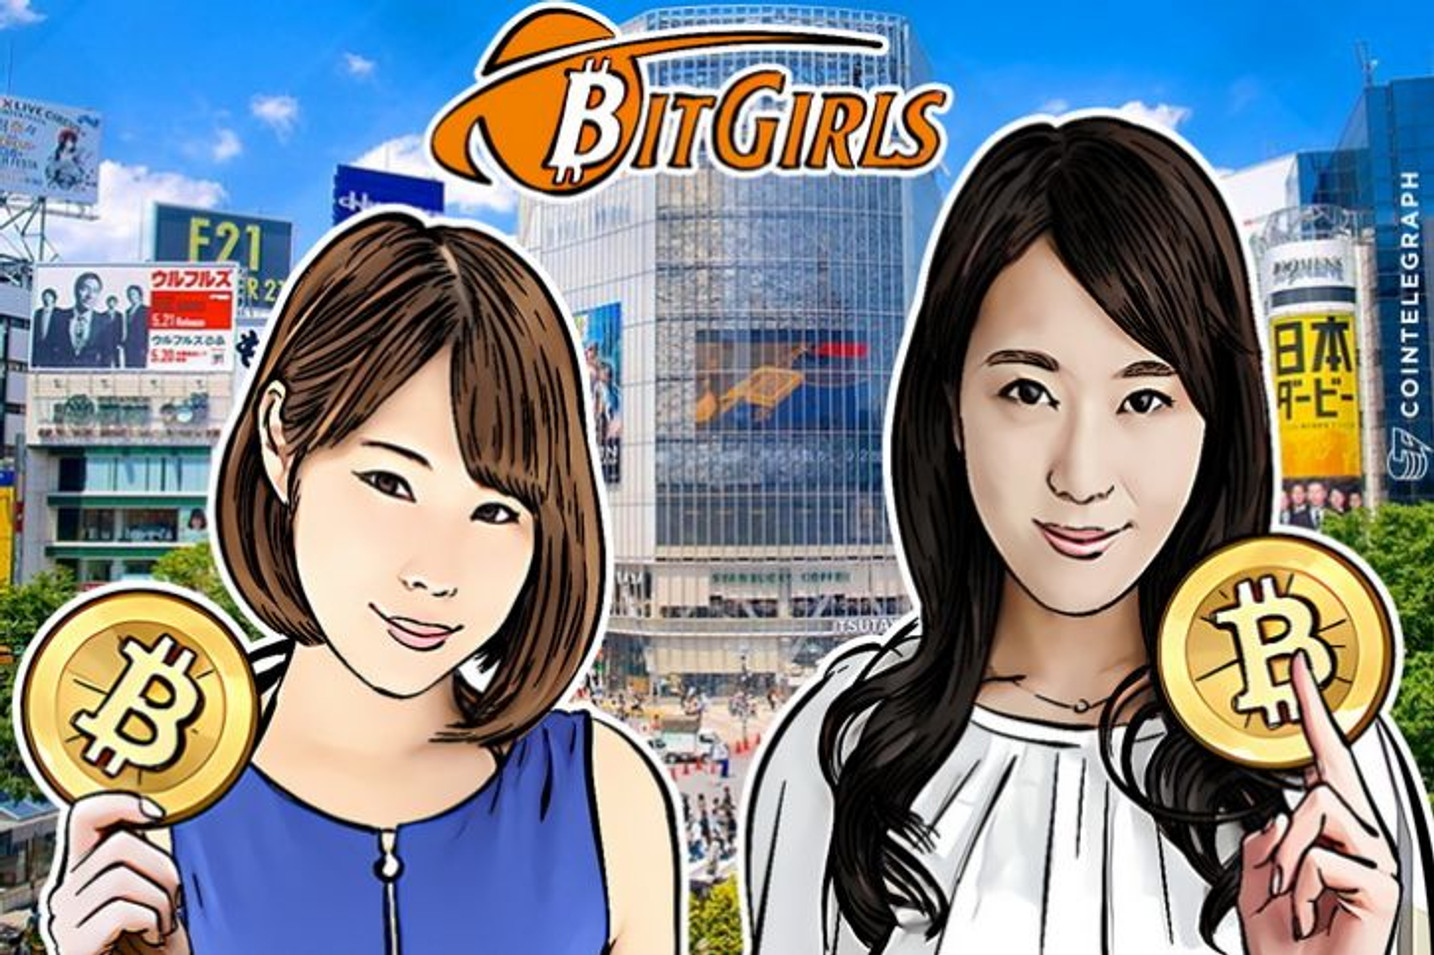 ビットコインのイメージ払拭なるか―暗号通貨をテーマにしたTV番組、ビットガールズが日本で開始